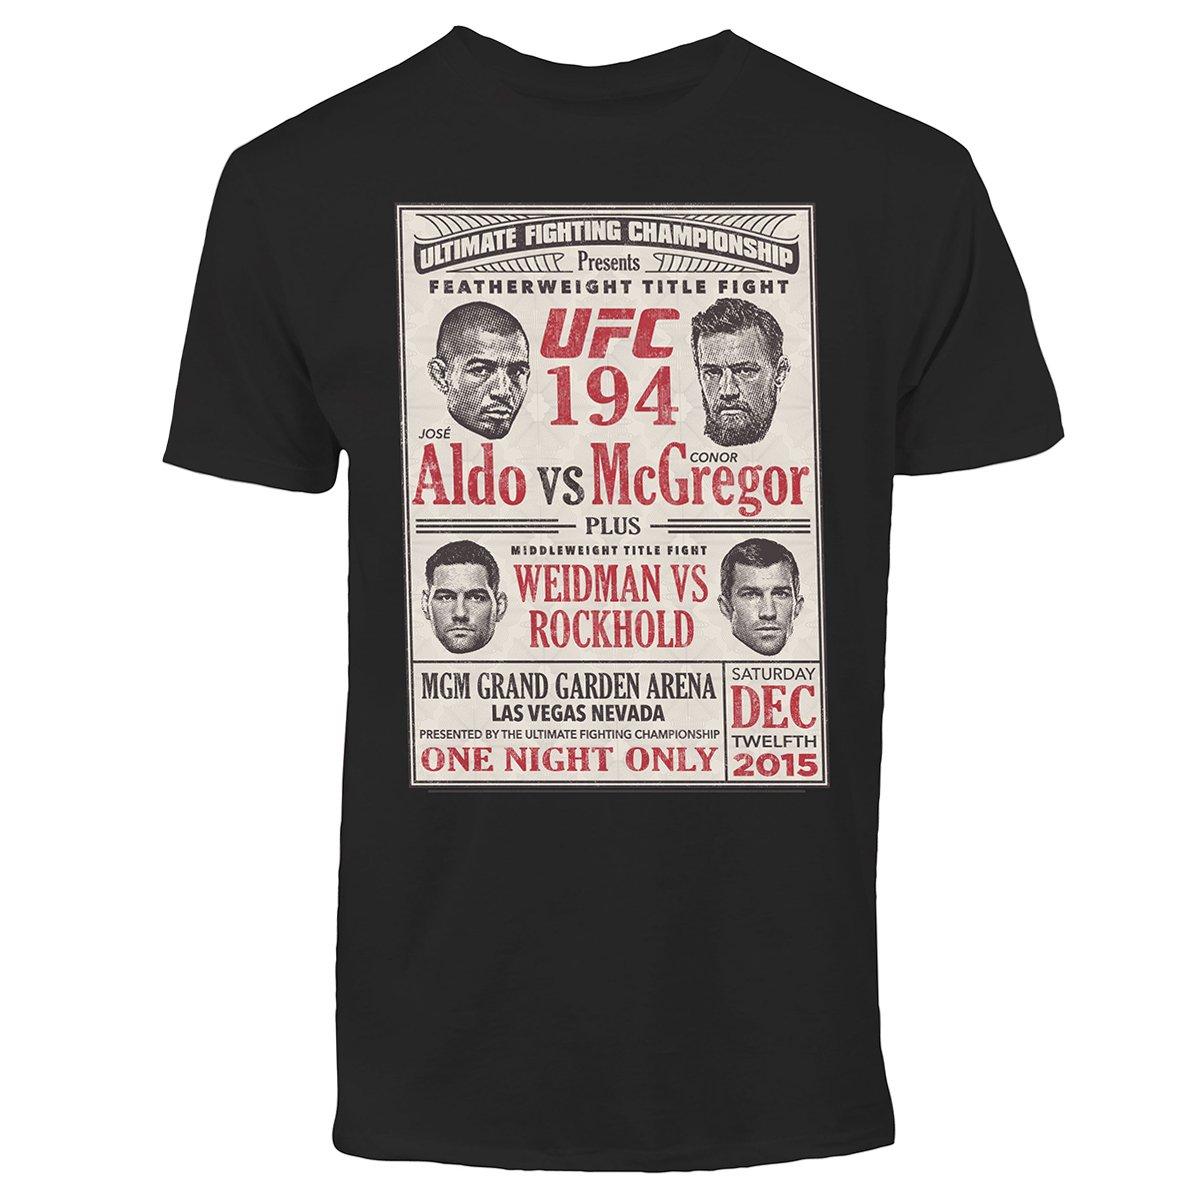 6a51c8a567 Camiseta UFC Ticket Poster - Aldo vs McGregor - Compre Agora